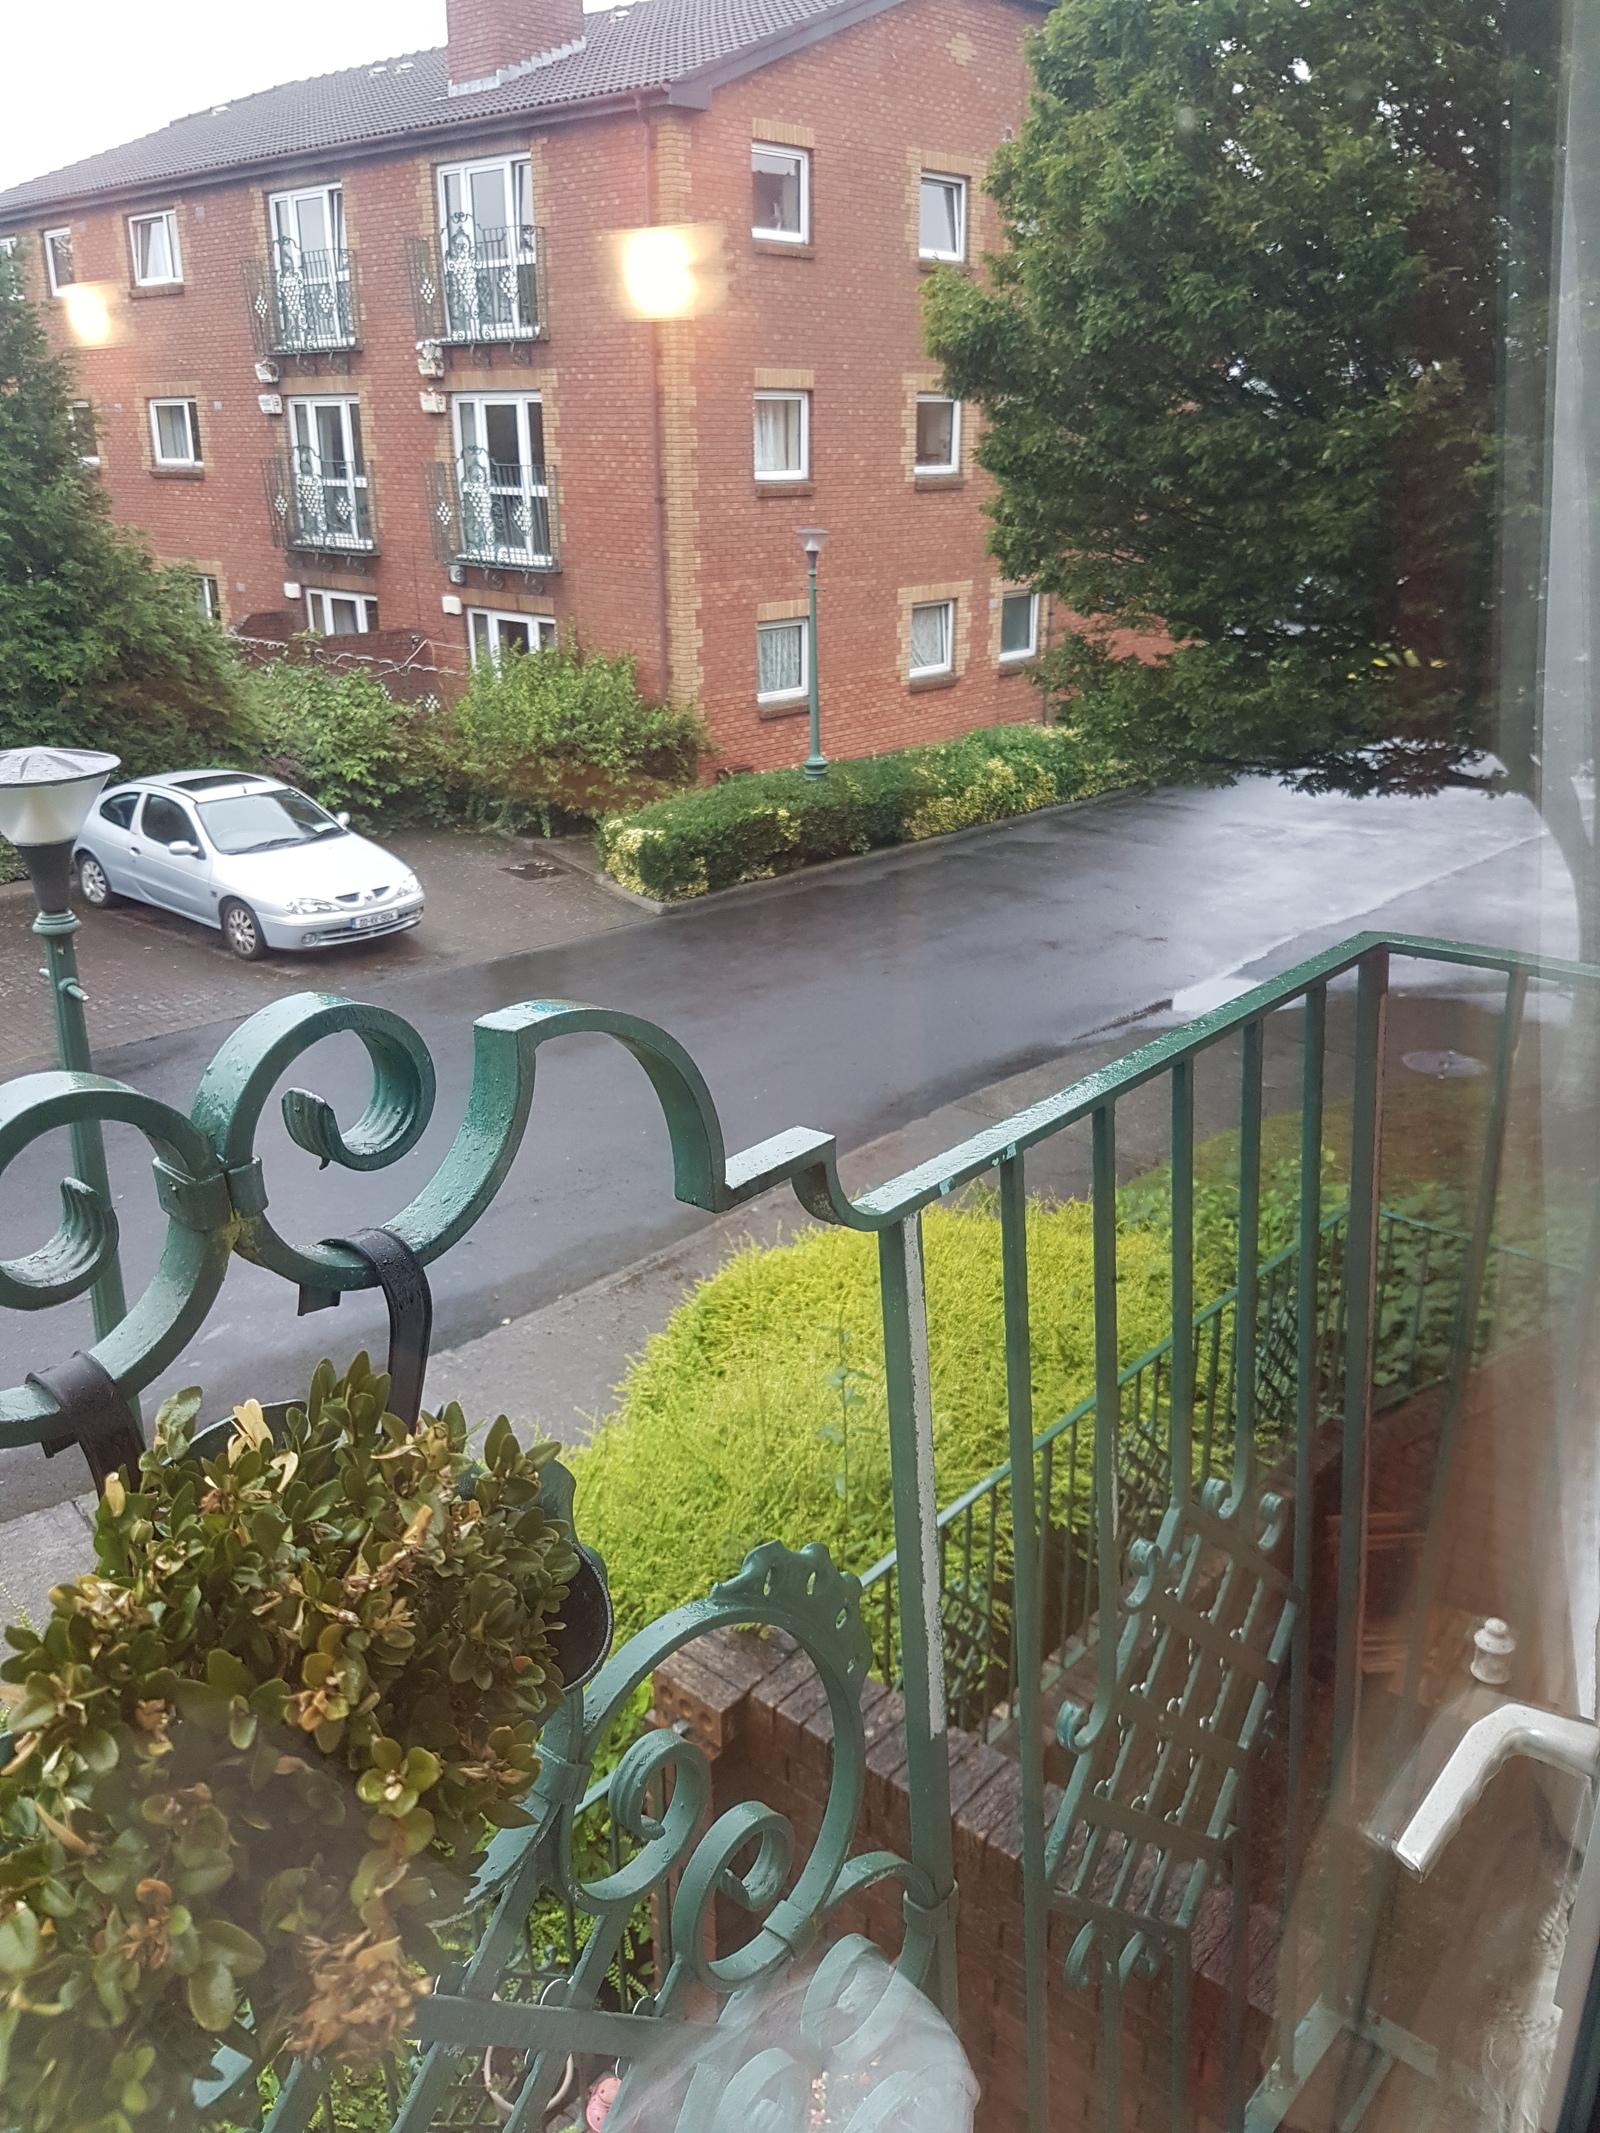 Apartment 9, The Court, Dalcassian Downs, Glasnevin, Dublin 11